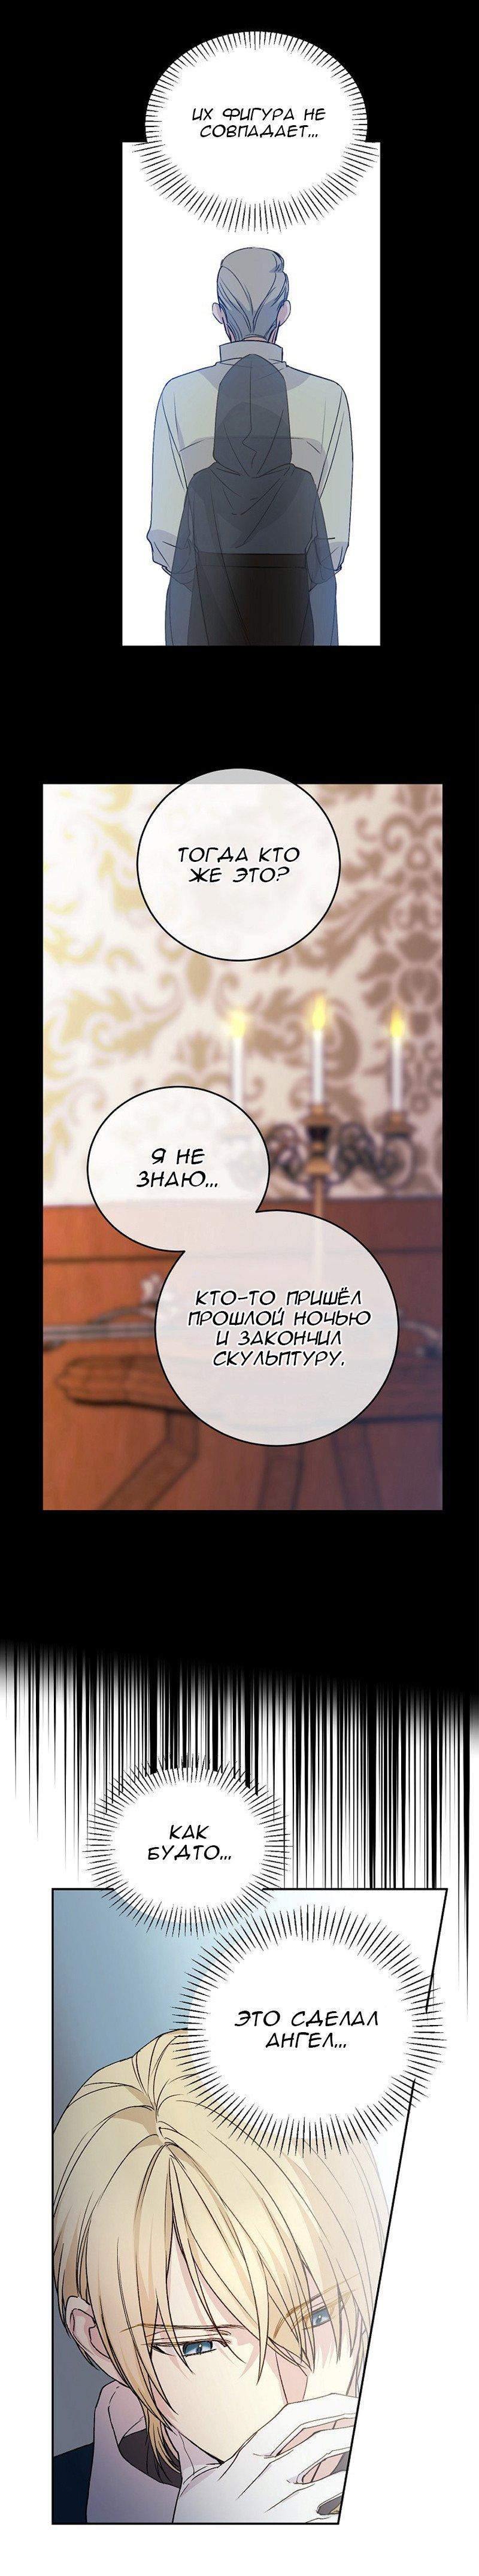 Манга Способная горничная / Capable maid  - Том 1 Глава 4 Страница 26